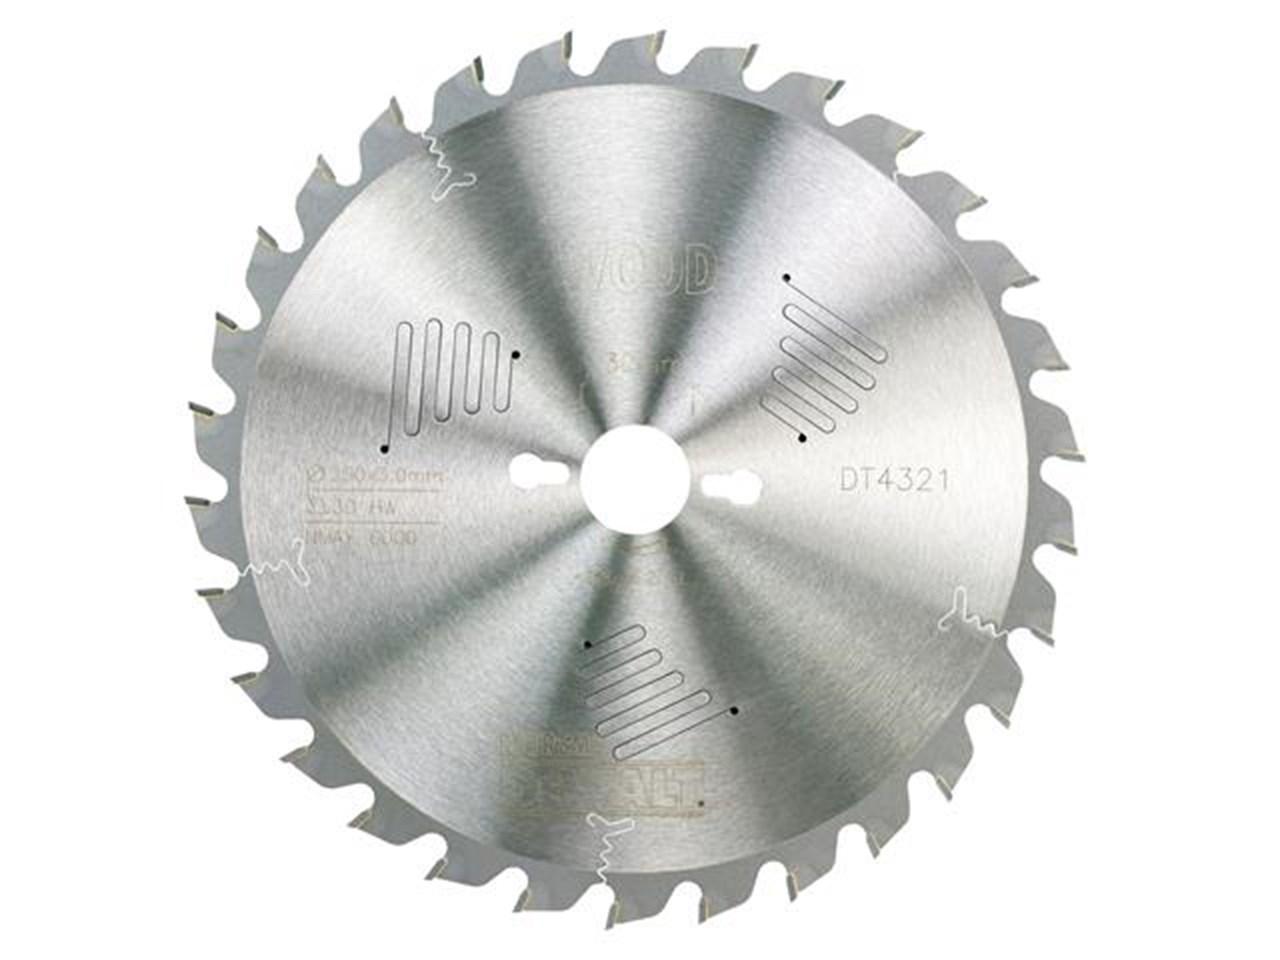 Dewalt dt4321qz circular saw blade extreme 250mm x 30mm x 30t keyboard keysfo Image collections